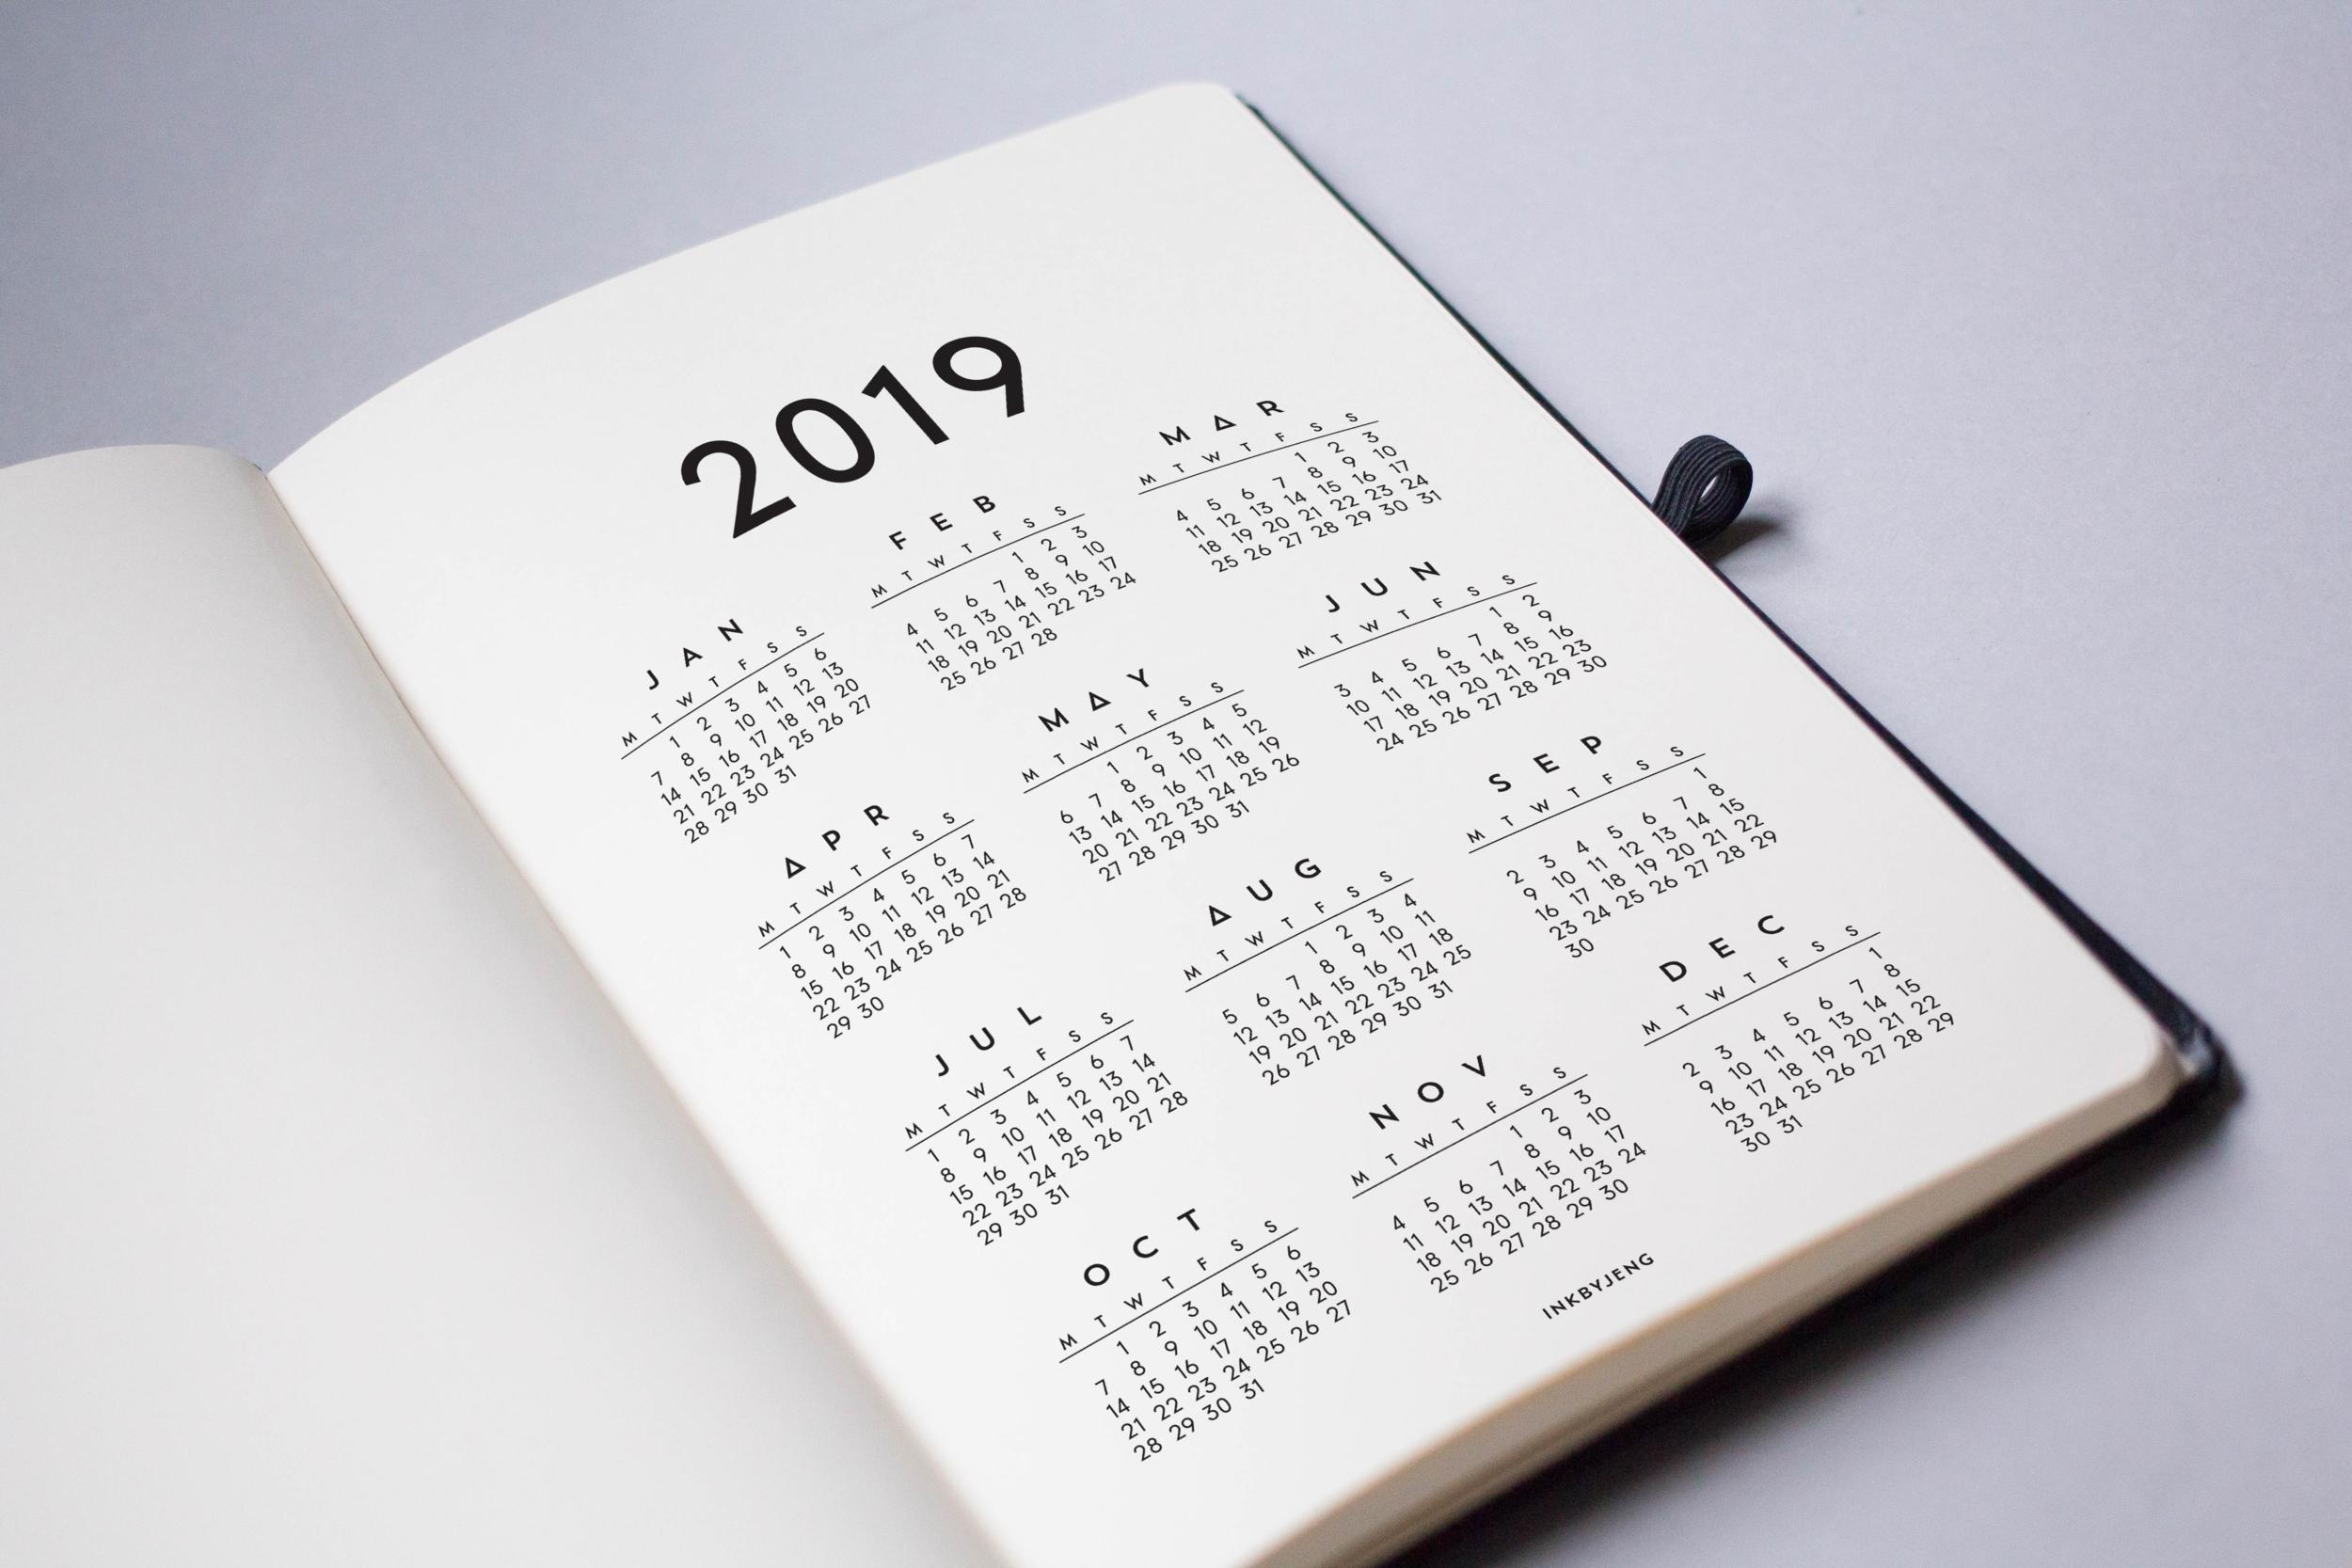 blog_2019_overview_calendar_inkbyjeng.png